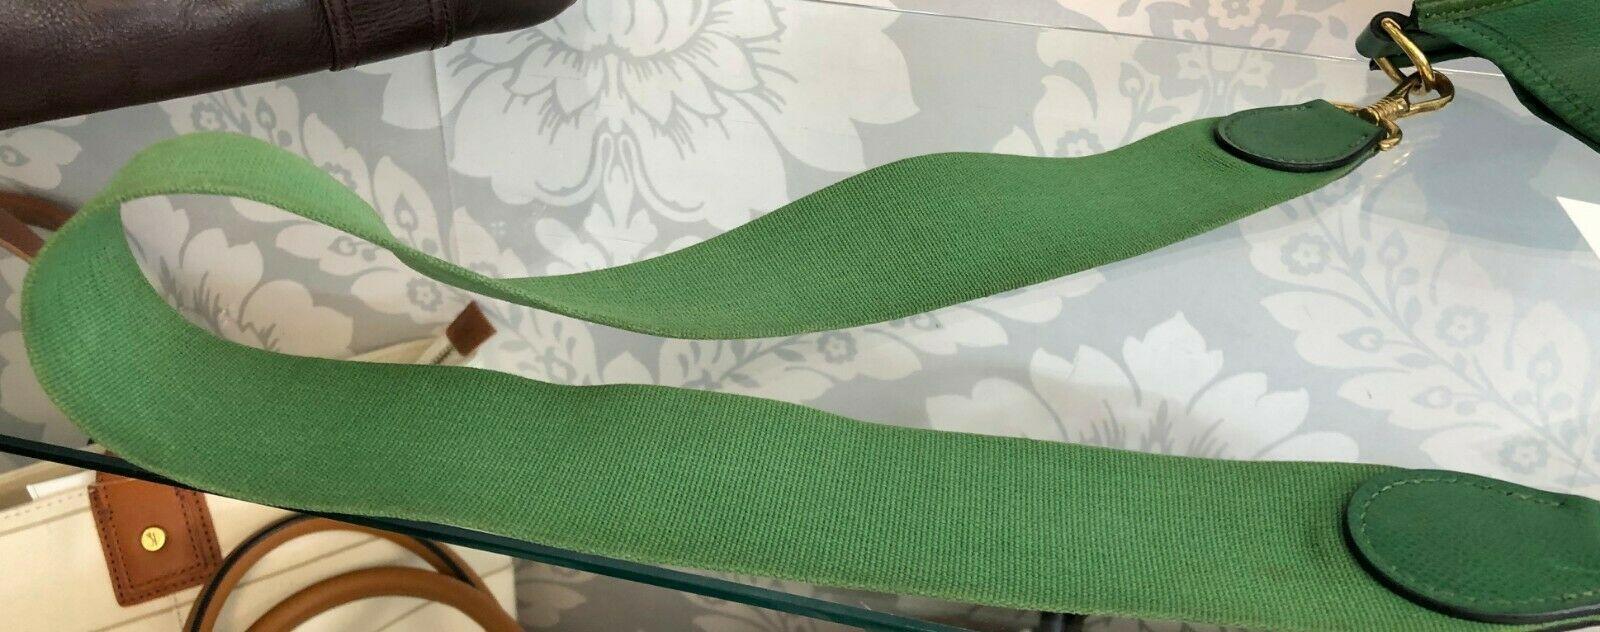 """HERMES Green Classic """"EVELYNE GM"""" Leather Tote/Shoulder Bag $$$$ image 7"""